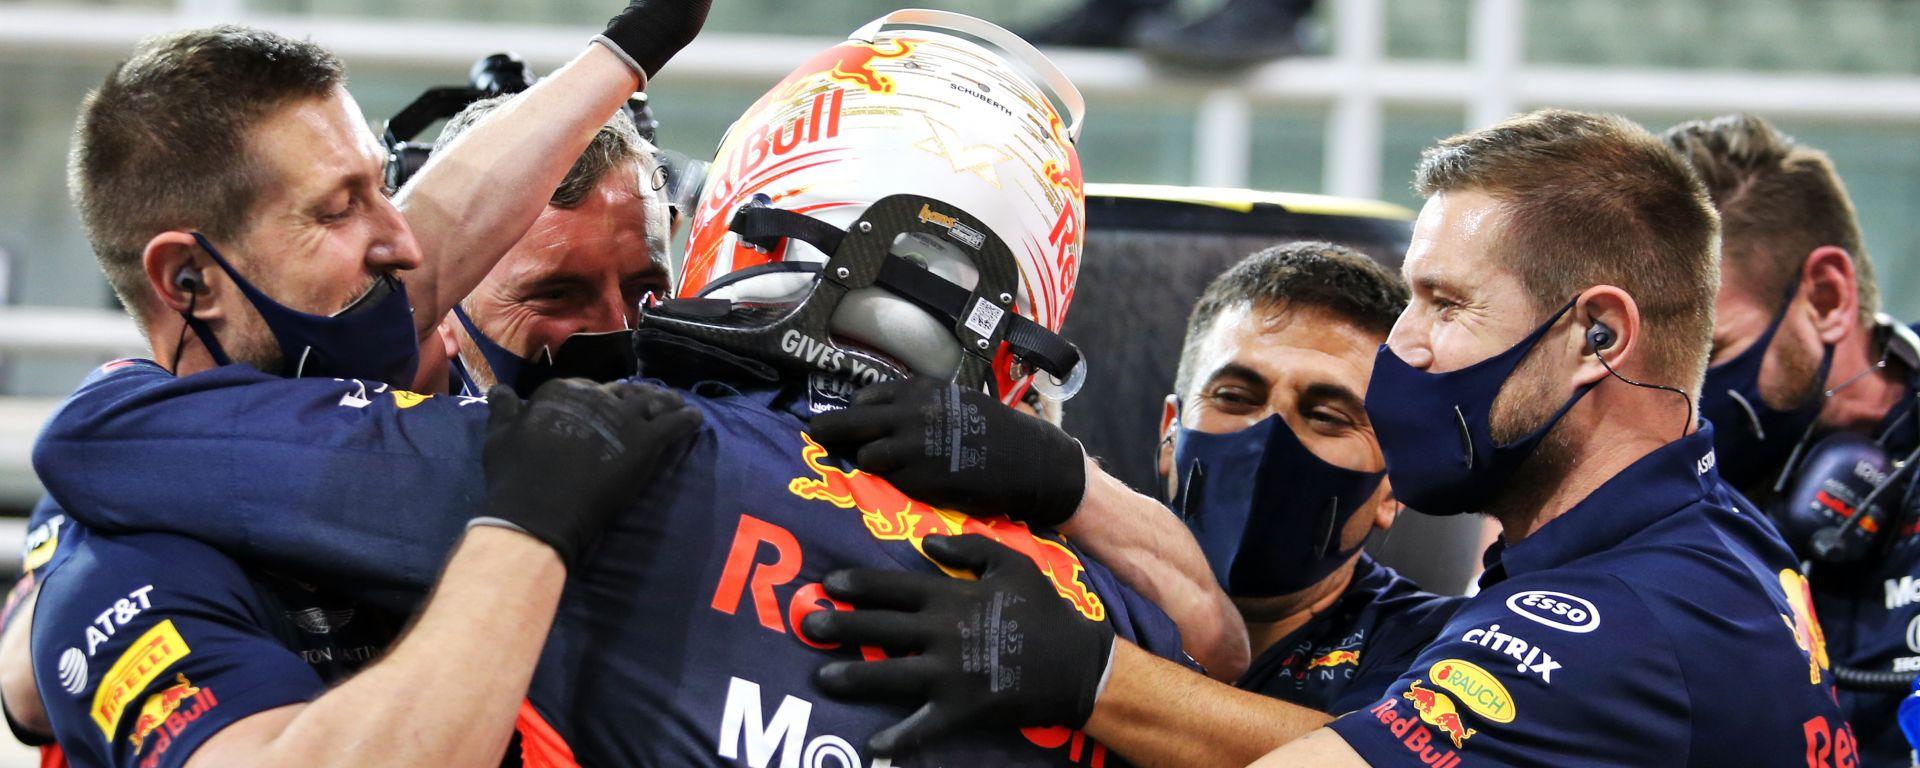 F1 GP Abu Dhabi 2020, Yas Marina: Max Verstappen festeggia la pole con i meccanici Red Bull